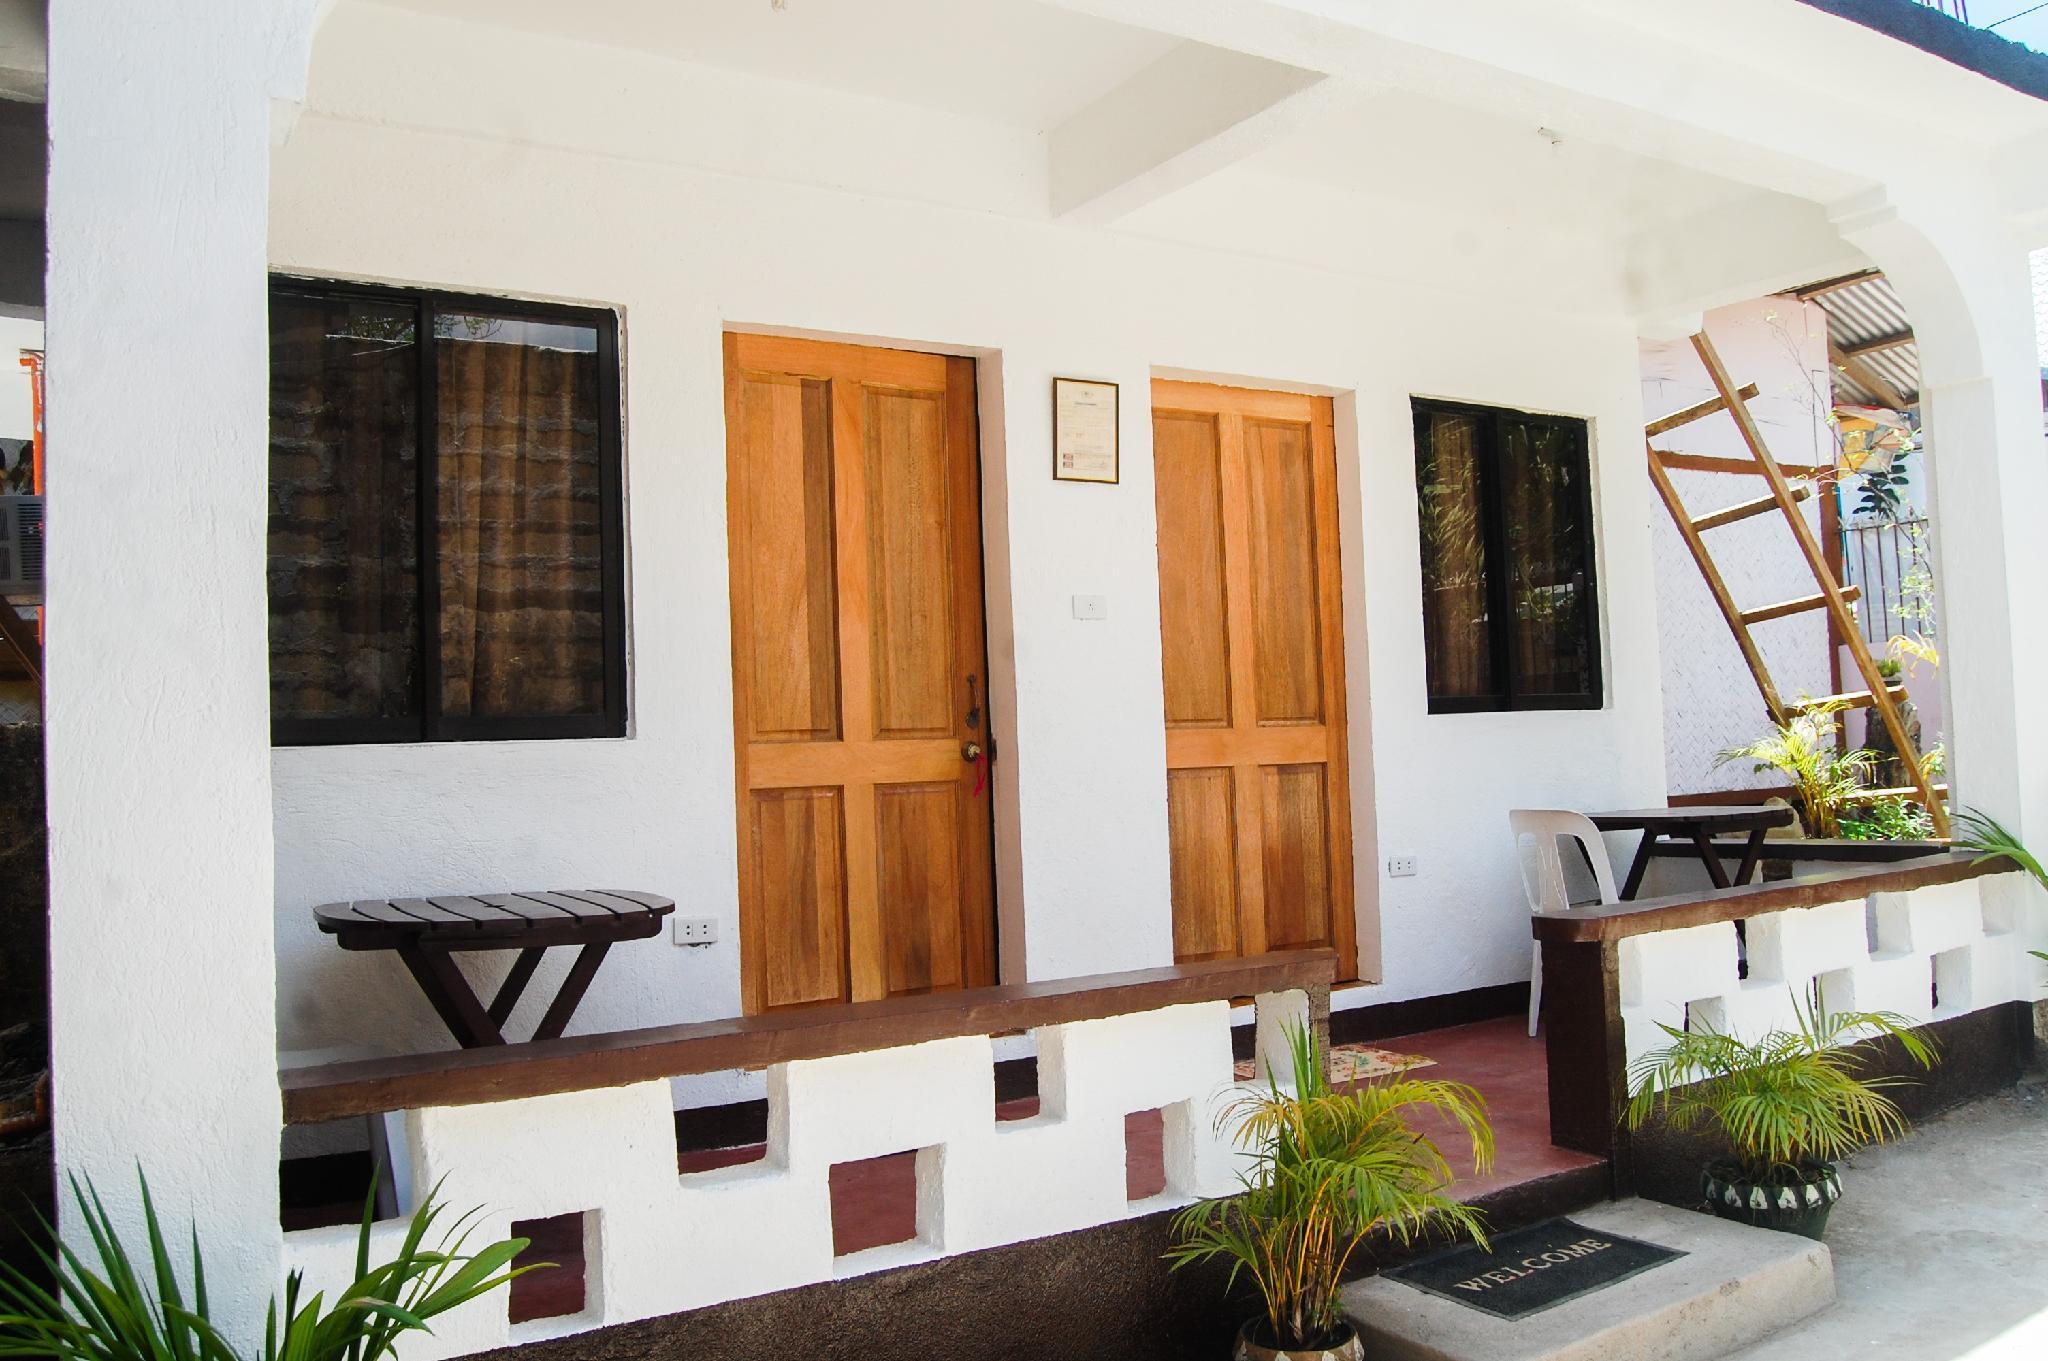 Maicaellas Transient Rooms